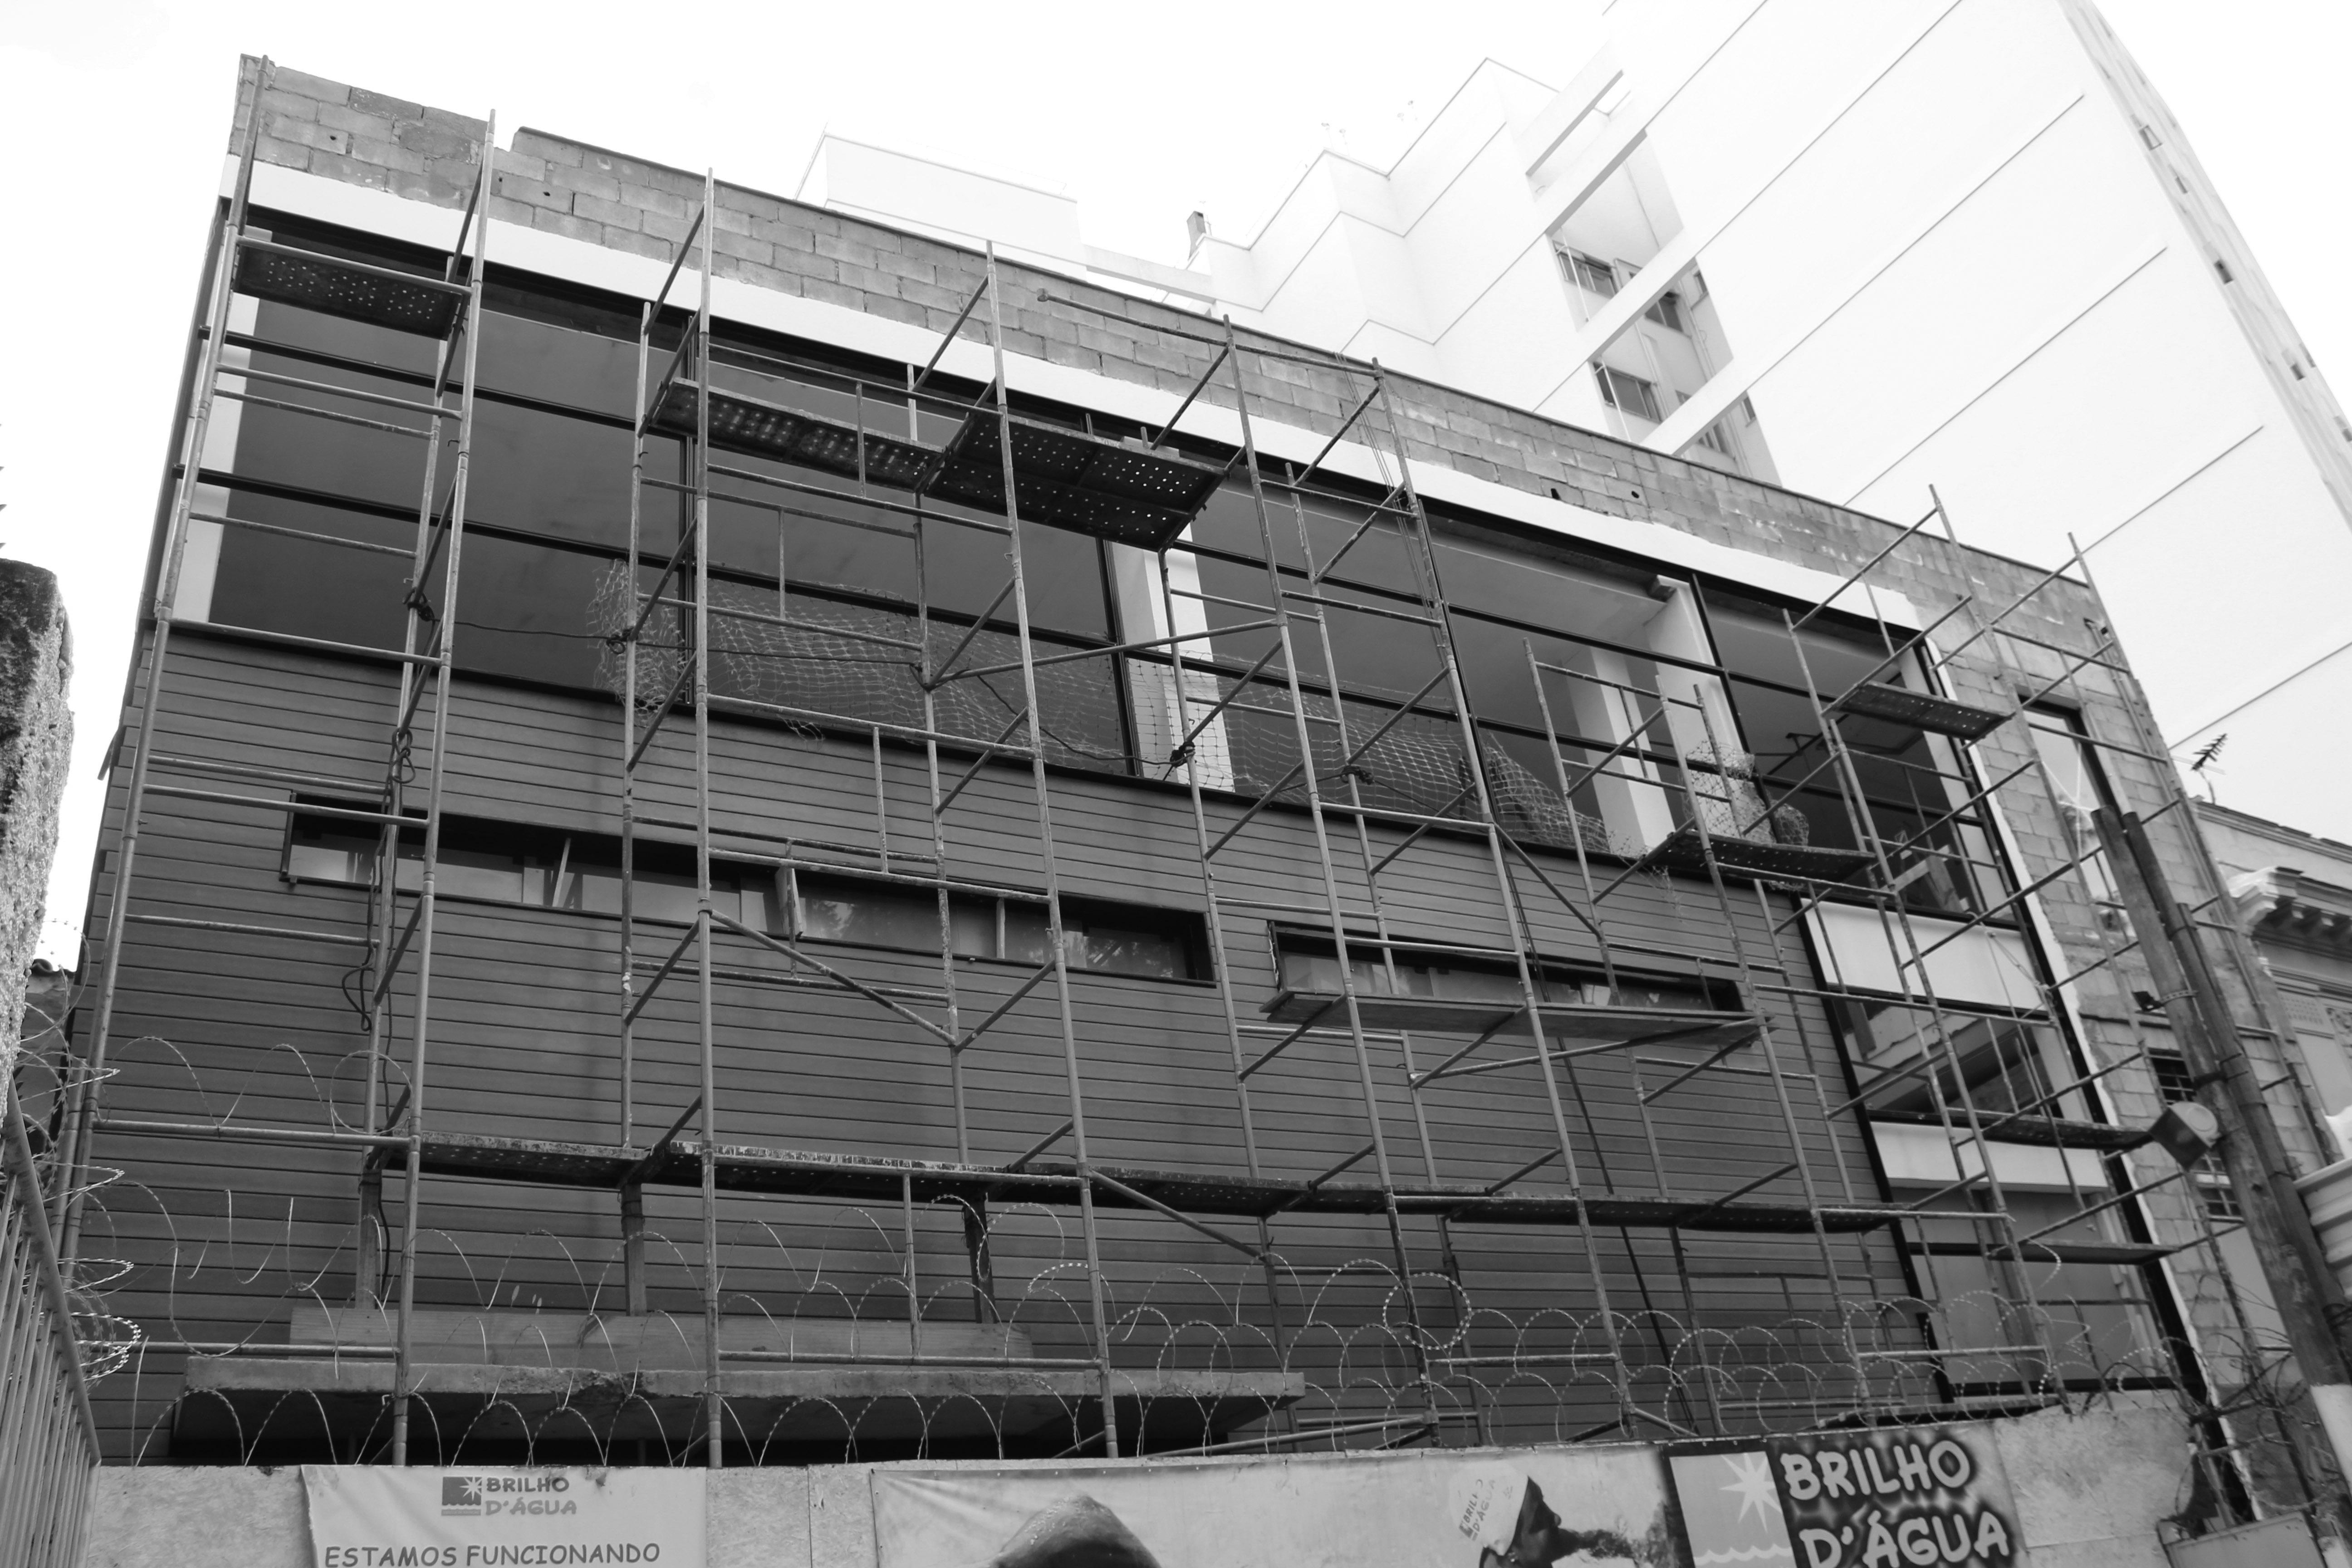 Academia_Brilho_D'agua_Tijuca_Escola_Natação_Baumann_Arquitetura_03pb